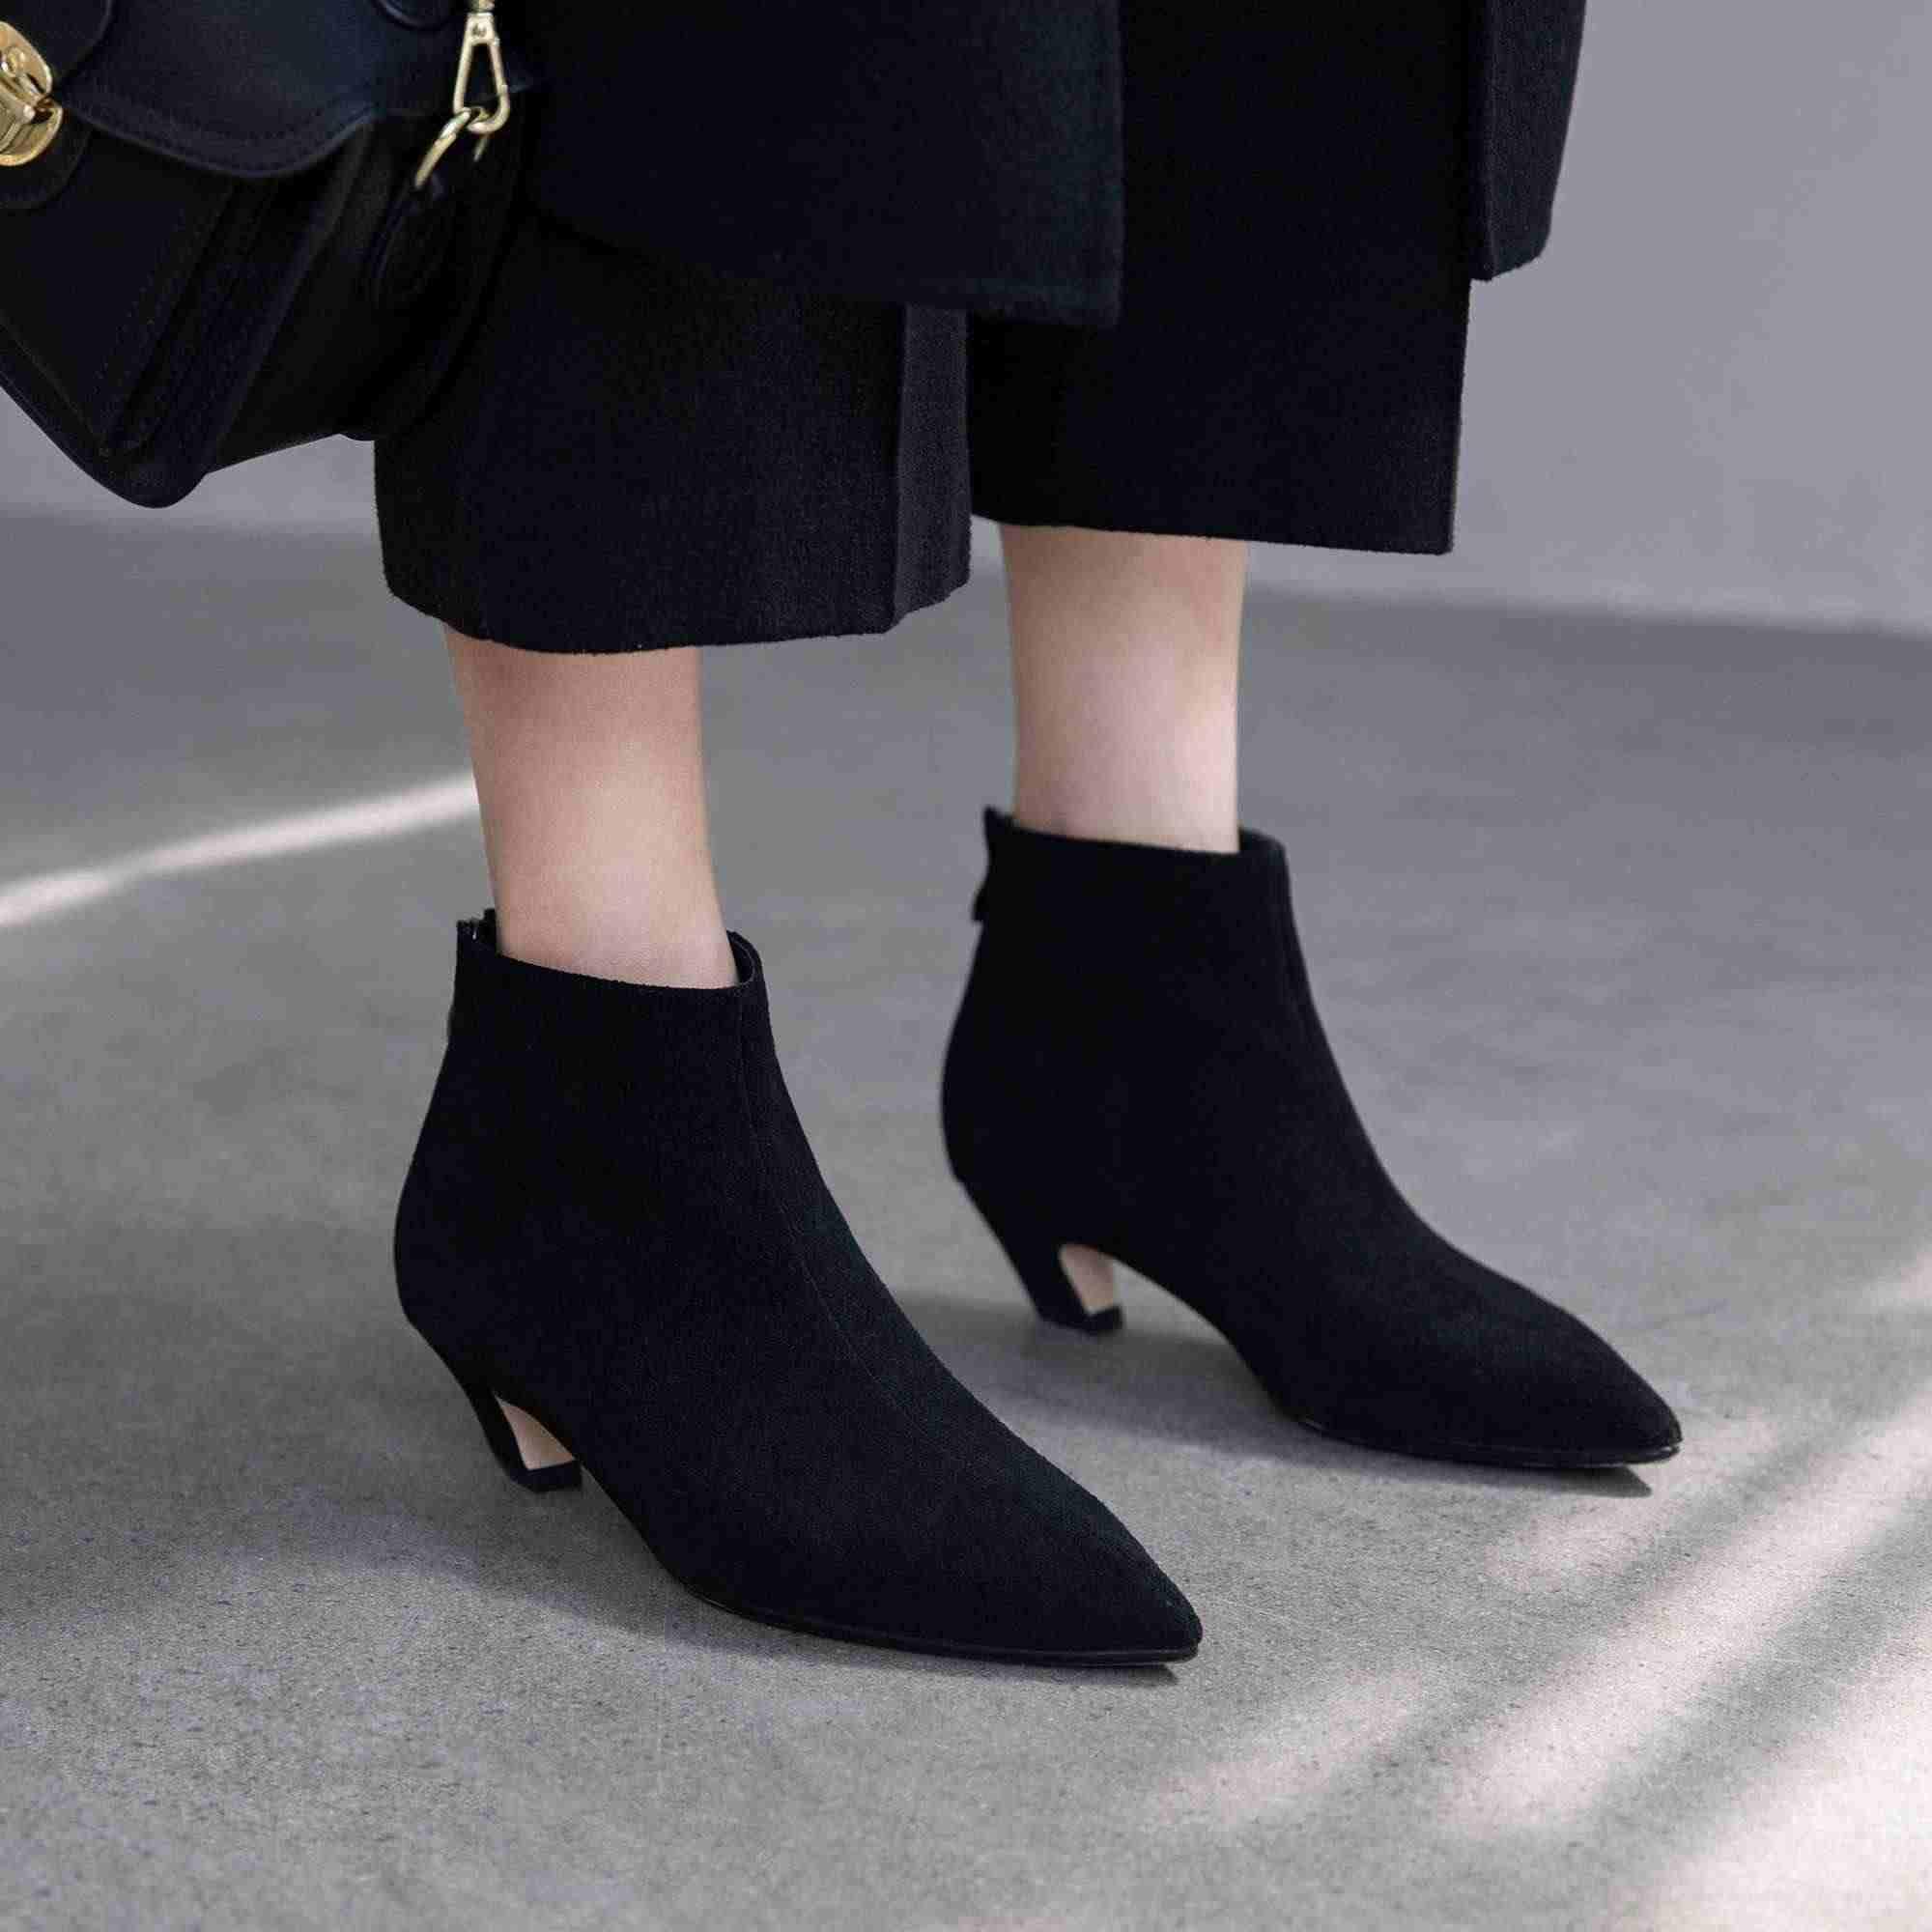 Krazing pot yumuşak nefes inek süet çizmeler sivri burun med topuklar kış sıcak tutmak moda olgun kadın fermuar yarım çizmeler L02